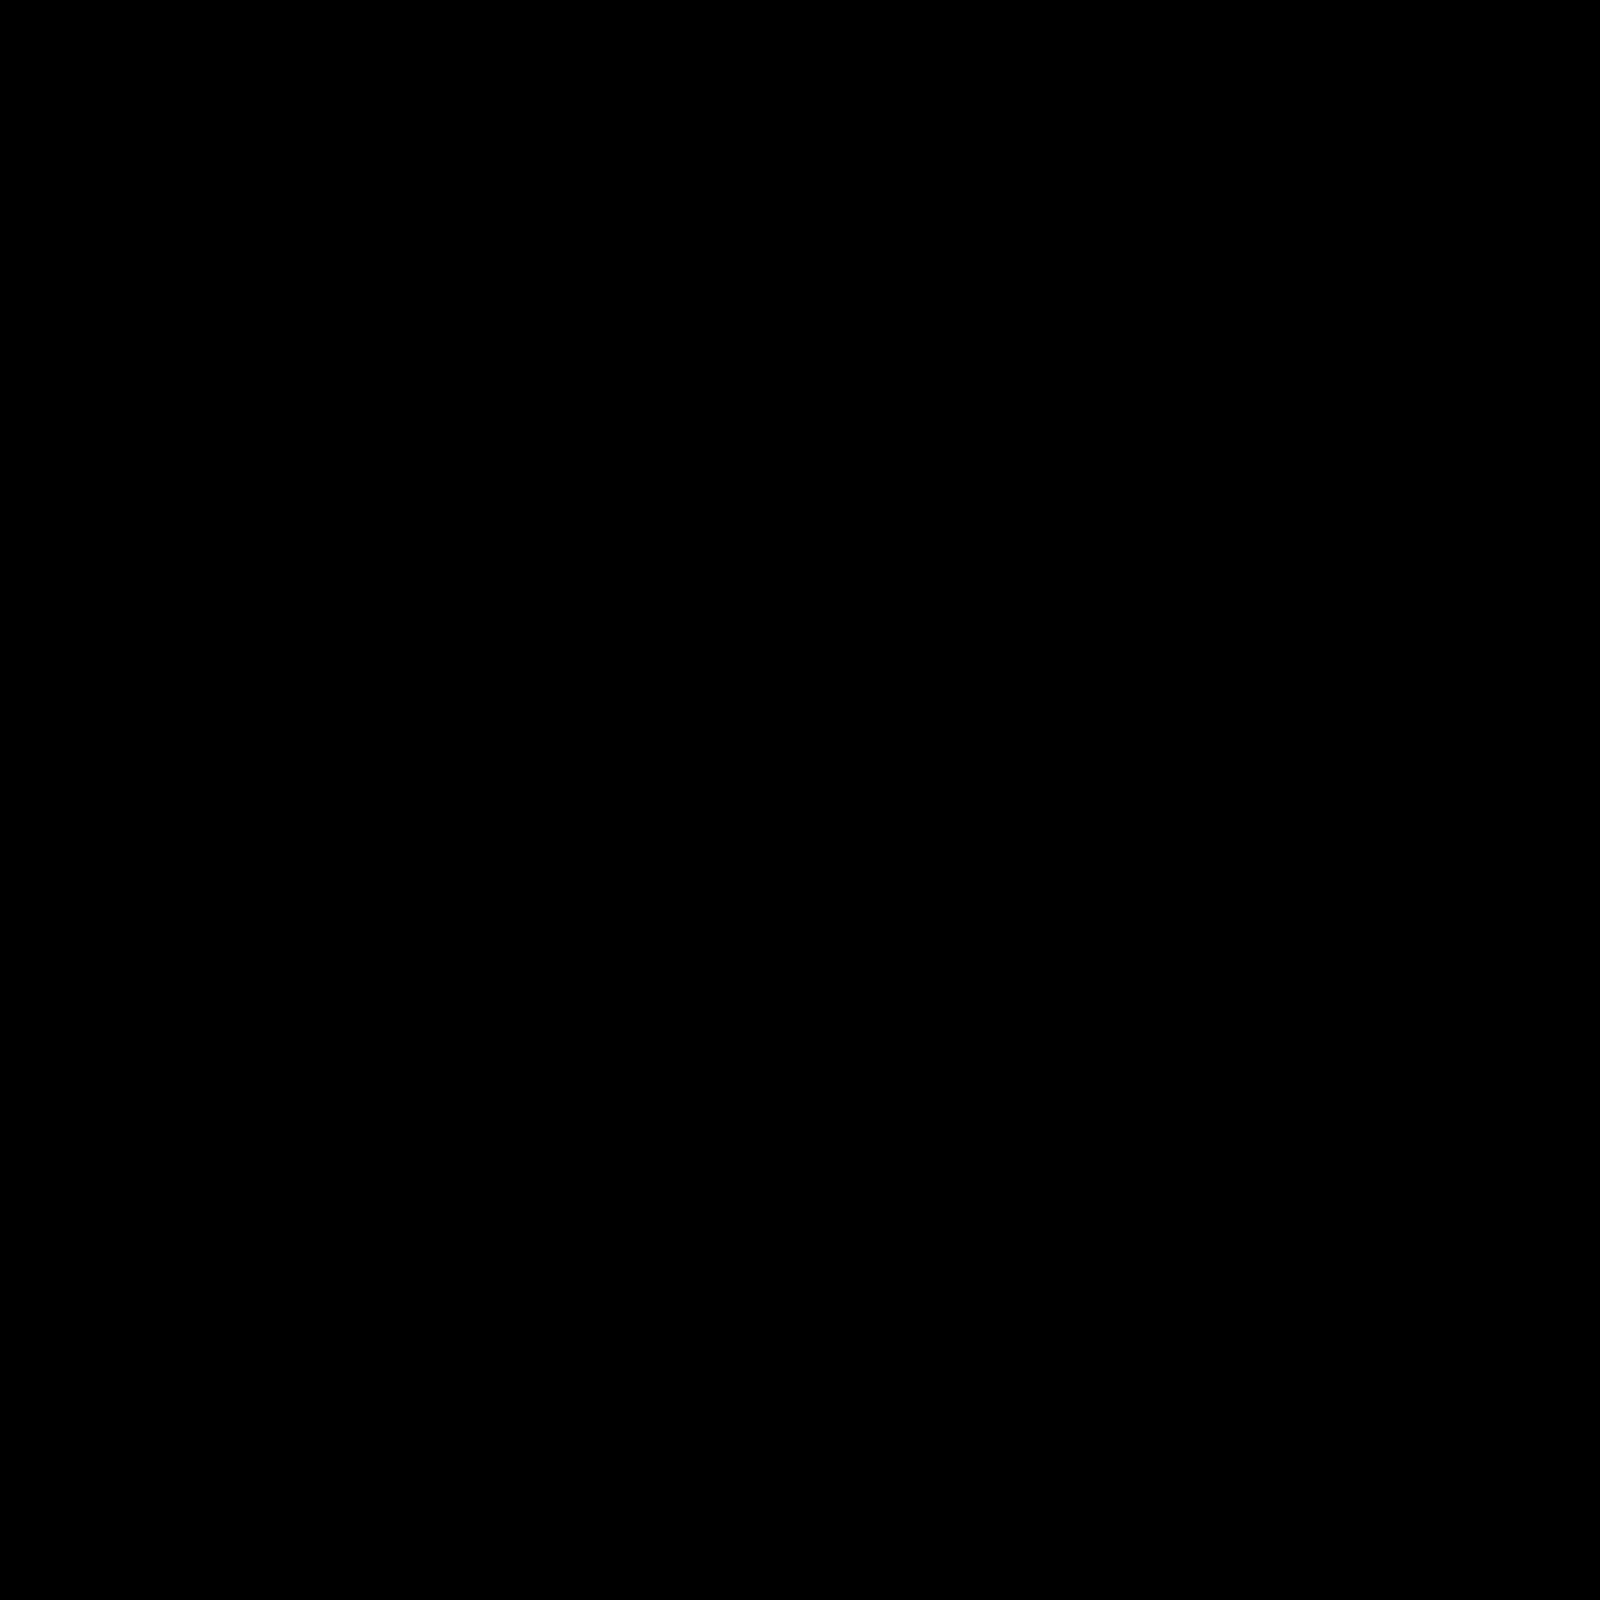 Latanie Motarboard icon